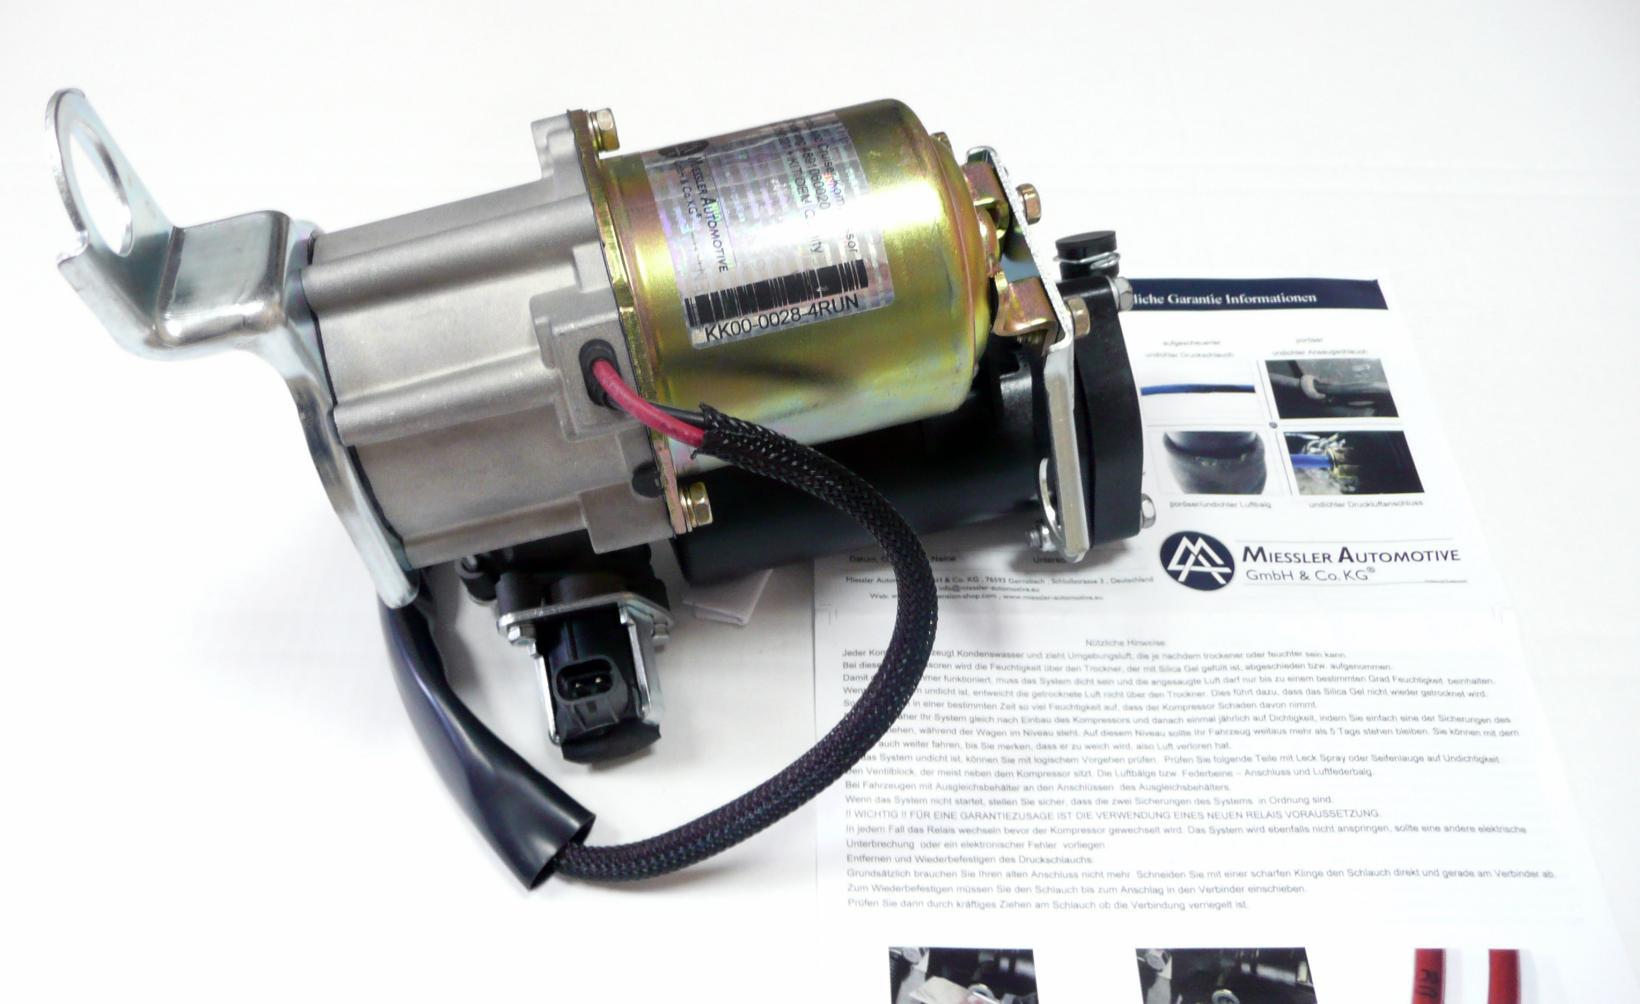 картинка Новый компрессор пневмоподвески Miessler для Toyota Land Cruiser Prado 120 и Prado 150; Lexus GX460 и Lexus GX470 (4891060042, 4891060021) от магазина пневмоподвески ПневмоМаркет